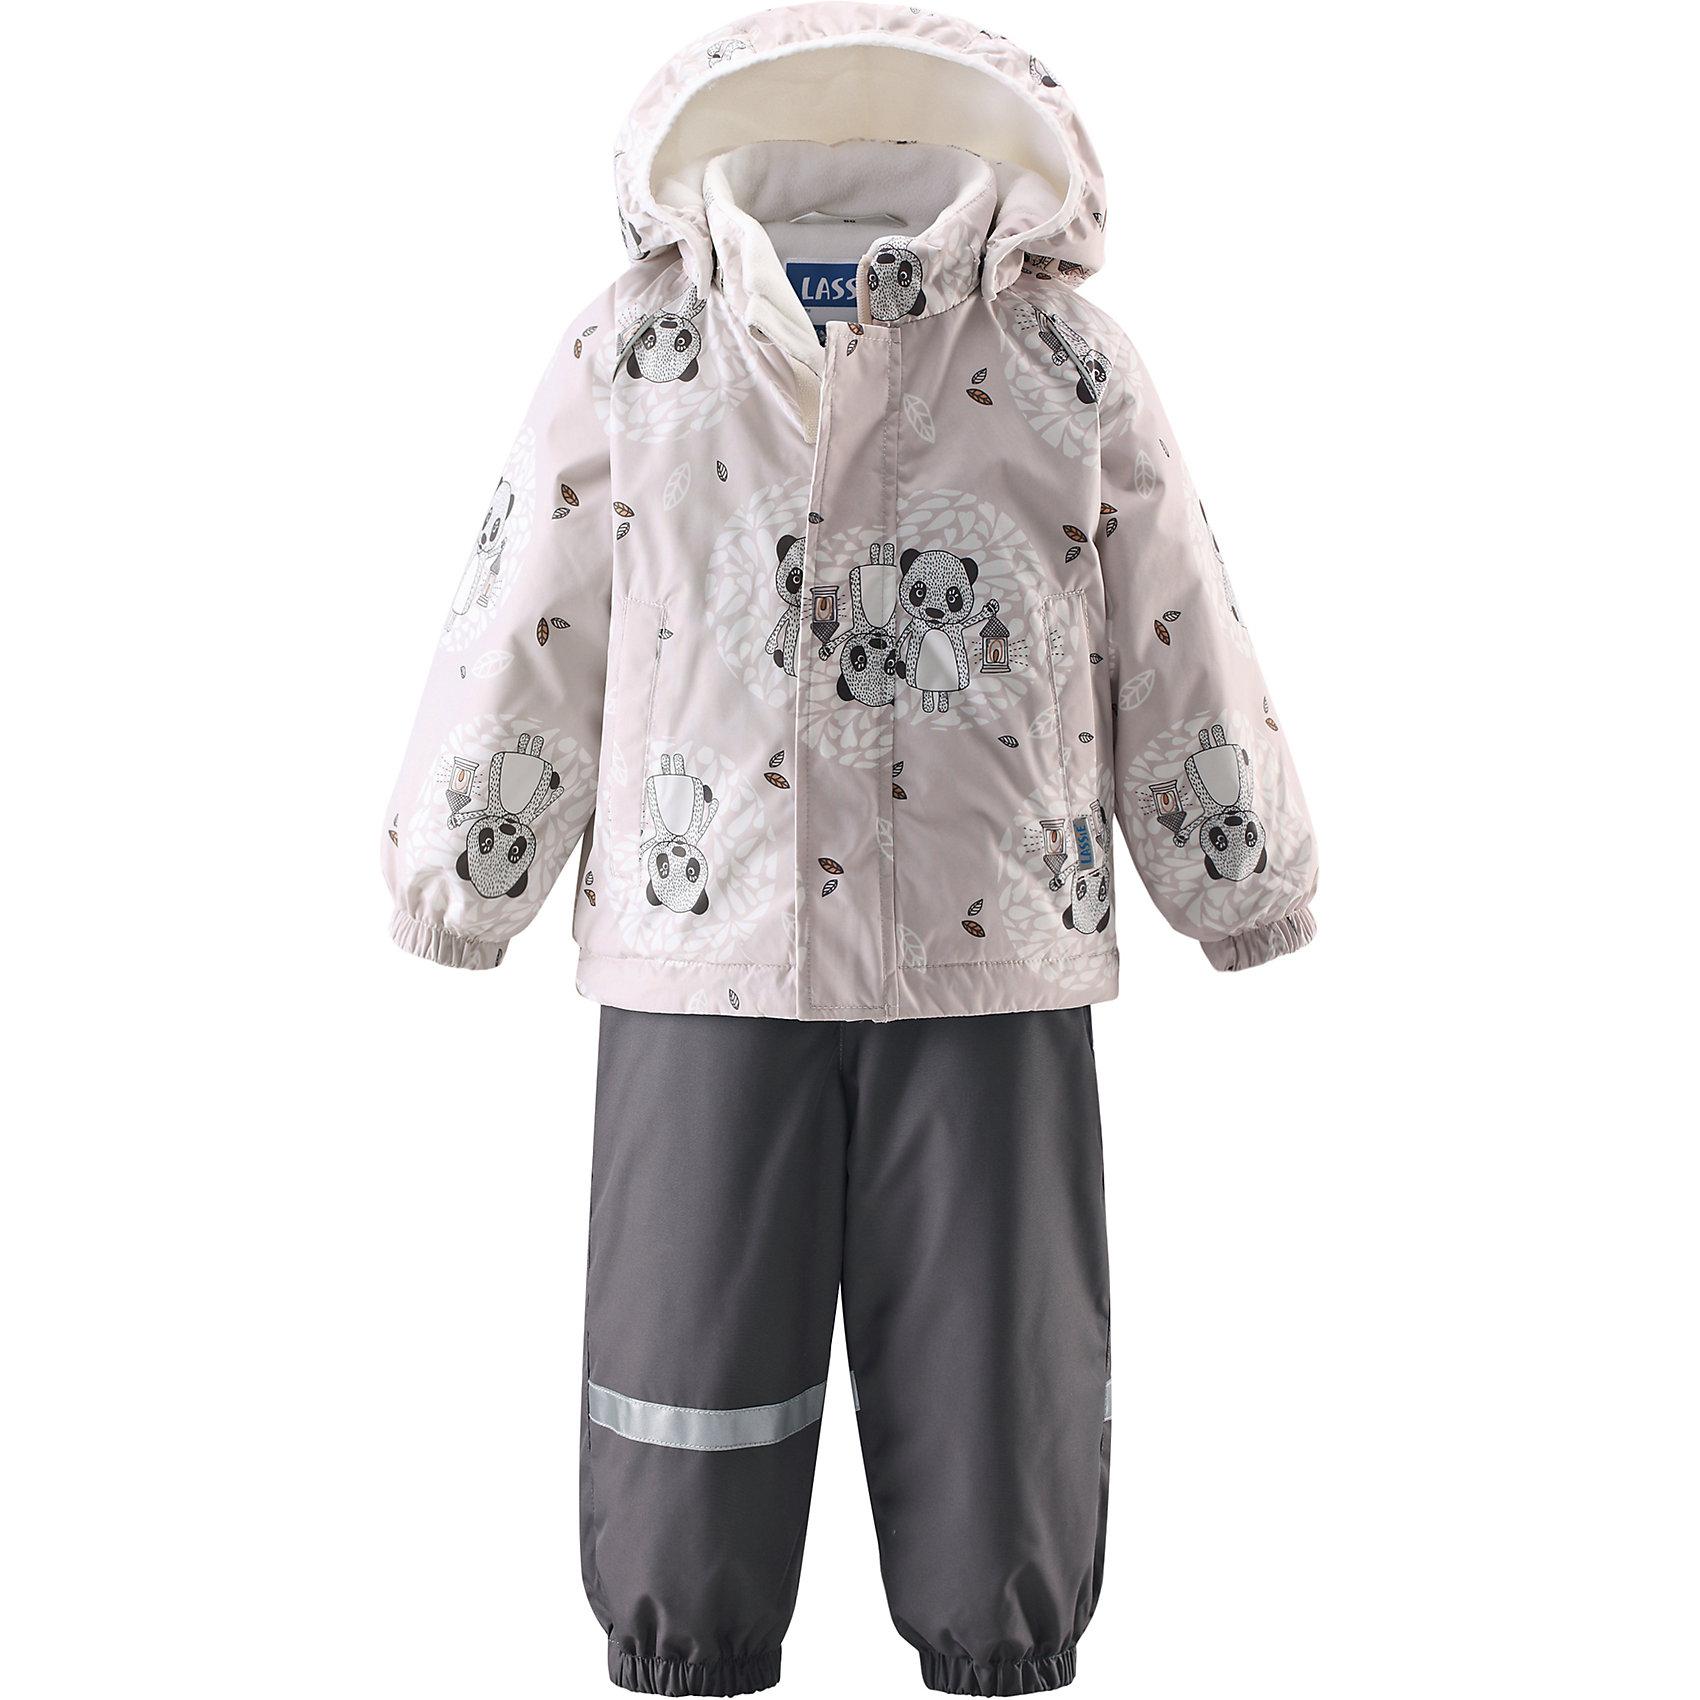 Комплект LASSIEОдежда<br>Зимний комбинезон для малышей известной финской марки.<br><br>- Водоотталкивающий, ветронепроницаемый, «дышащий» и грязеотталкивающий материал.<br>- Задний серединный шов брюк проклеен.<br>- Мягкая теплая подкладка из флиса.<br>- Гладкая подкладка из полиэстра. <br>-Средняя степень утепления. <br>- Безопасный, съемный капюшон. Эластичные манжеты. <br>- Регулируемый подол. Эластичные штанины.<br>- С ъемные эластичные штрипки. Легко надевать благодаря молнии. <br>- Два прорезных кармана. Регулируемые подтяжки. <br><br>Рекомендации по уходу: Стирать по отдельности, вывернув наизнанку. Застегнуть молнии и липучки. Соблюдать температуру в соответствии с руководством по уходу. Стирать моющим средством, не содержащим отбеливающие вещества. Полоскать без специального средства. Сушение в сушильном шкафу разрешено при  низкой температуре.<br><br>Состав: 100% Полиамид, полиуретановое покрытие.  Утеплитель «Lassie wadding» 140гр.(брюки); 180гр.(куртка).<br><br>Ширина мм: 356<br>Глубина мм: 10<br>Высота мм: 245<br>Вес г: 519<br>Цвет: белый<br>Возраст от месяцев: 6<br>Возраст до месяцев: 9<br>Пол: Унисекс<br>Возраст: Детский<br>Размер: 74,80,86,92,98<br>SKU: 4781567